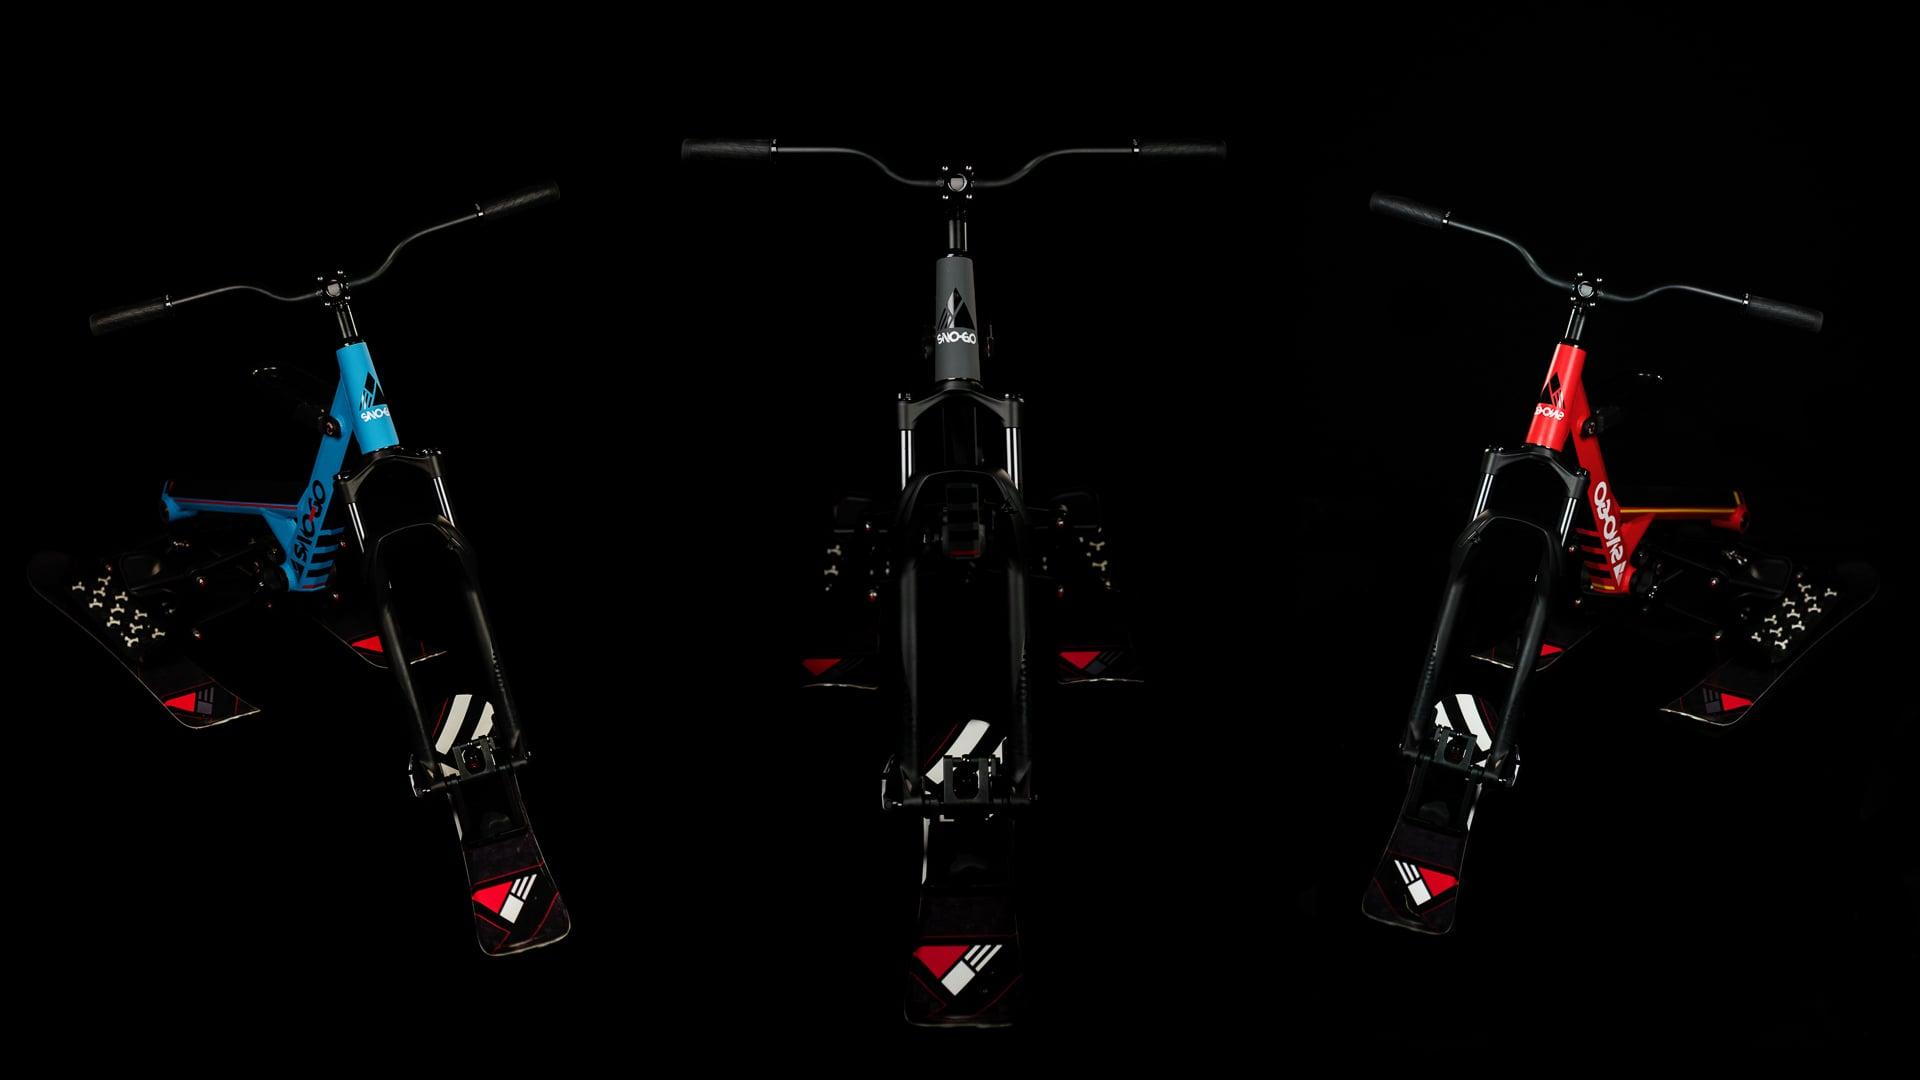 Sno-Go 2019 Bikes